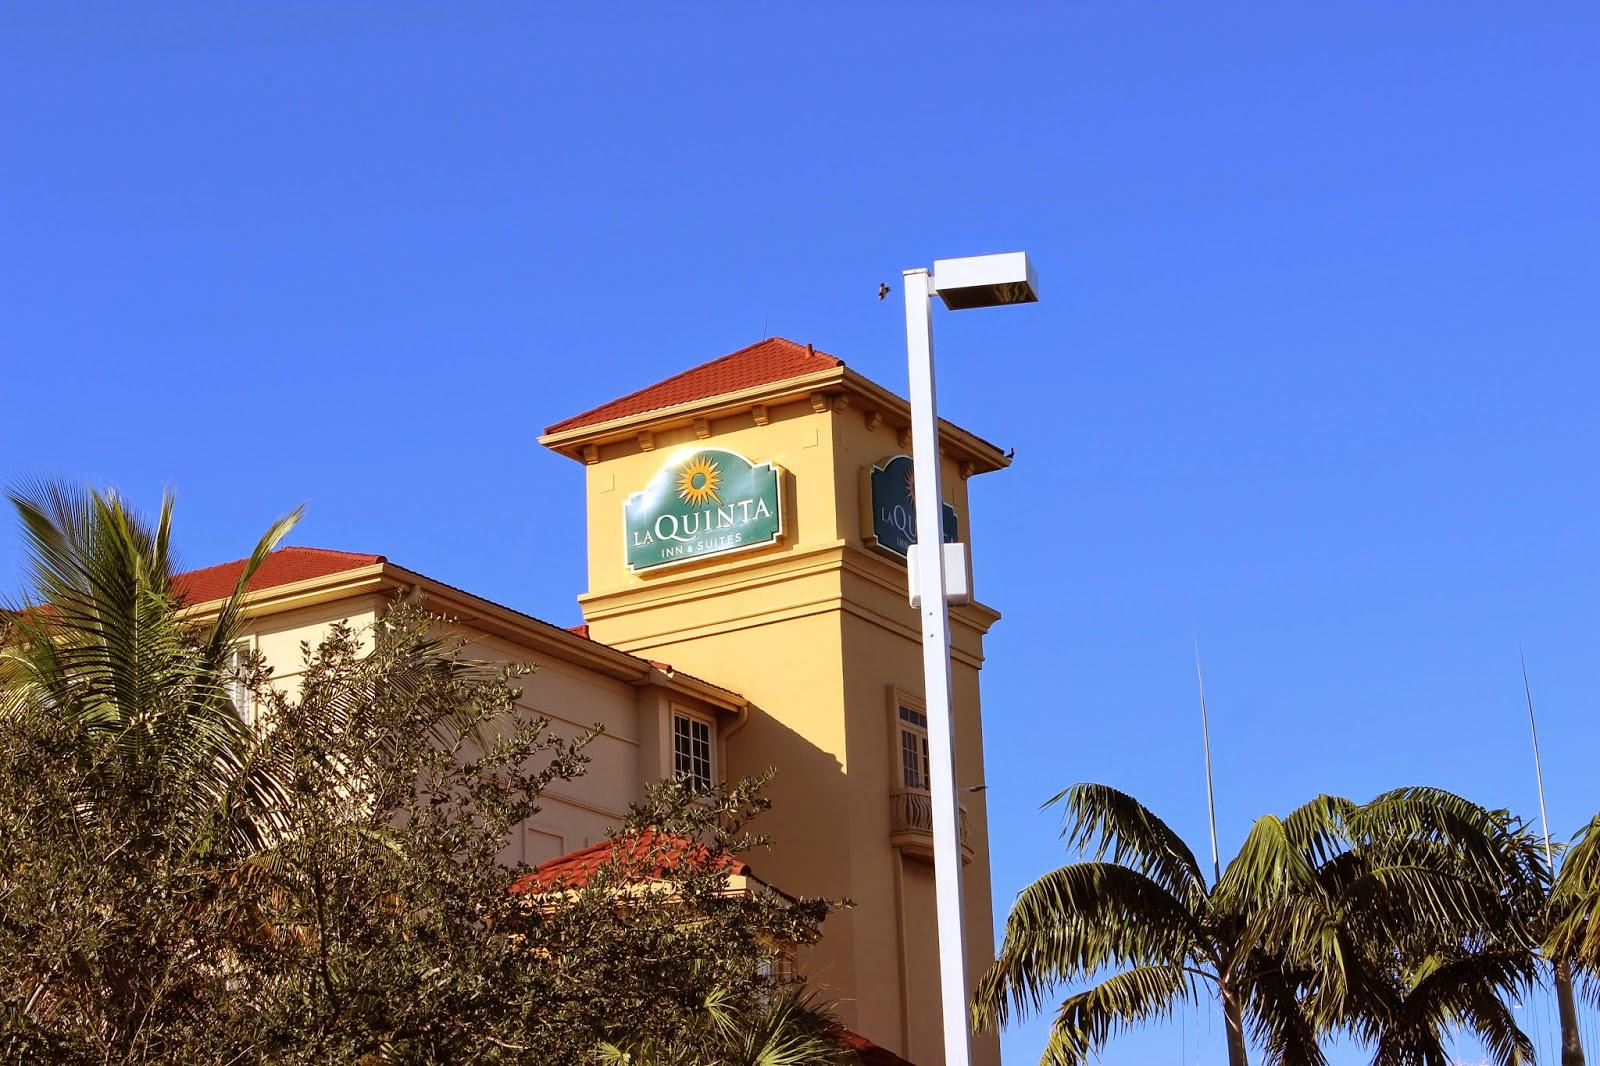 la quinta inn and suites west miami